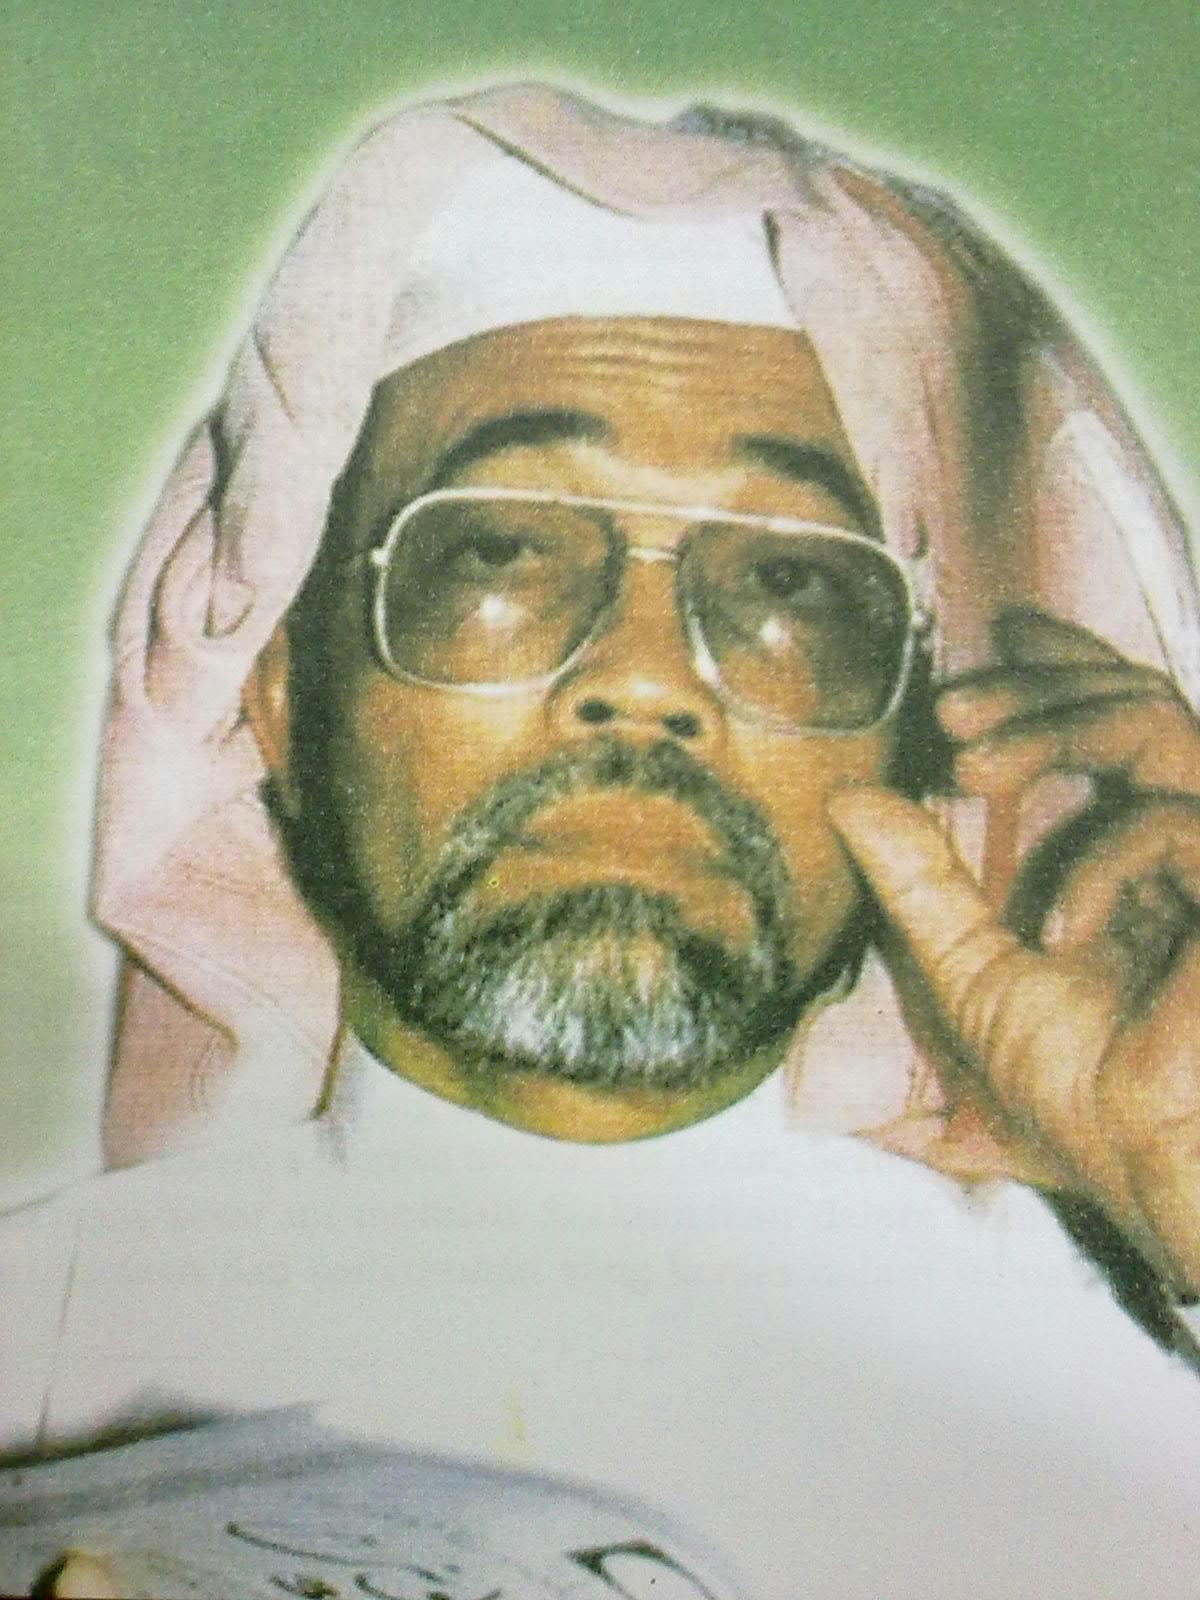 Almarhum Al-fadhil Ustaz Fadzil Noor